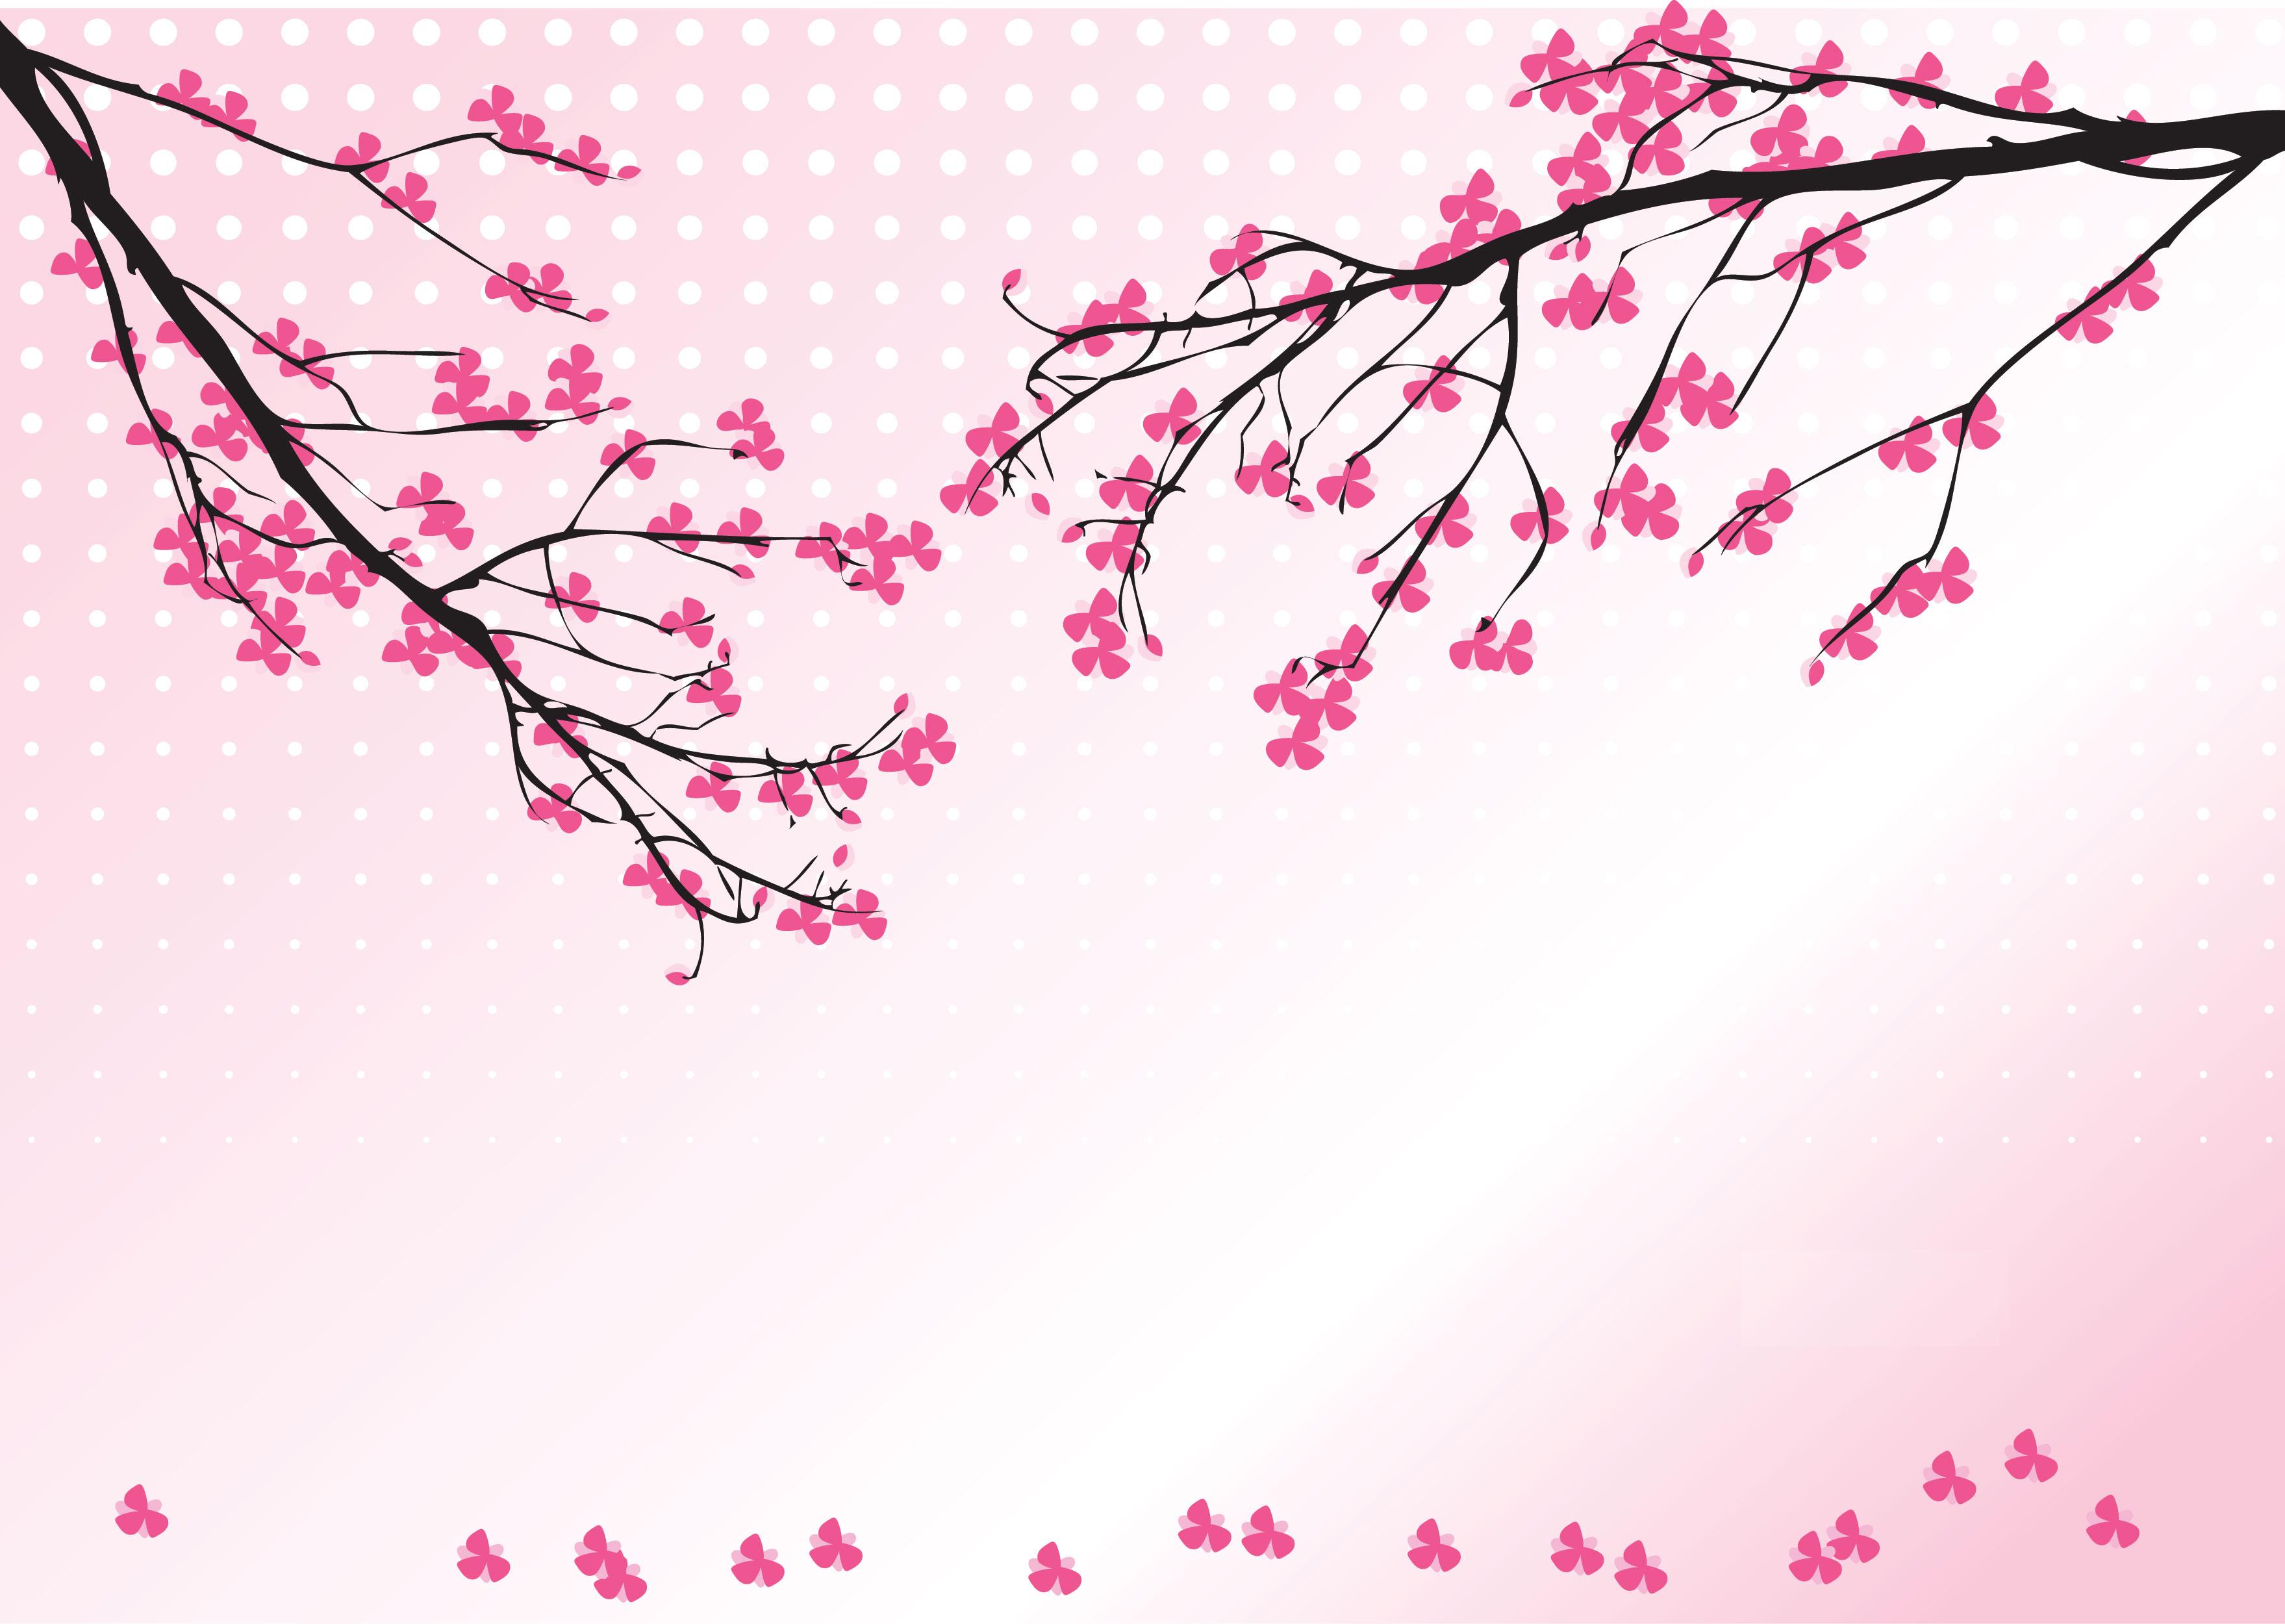 うめ 梅 のイラスト 画像no 052 壁紙 舞い落ちるウメの花びら